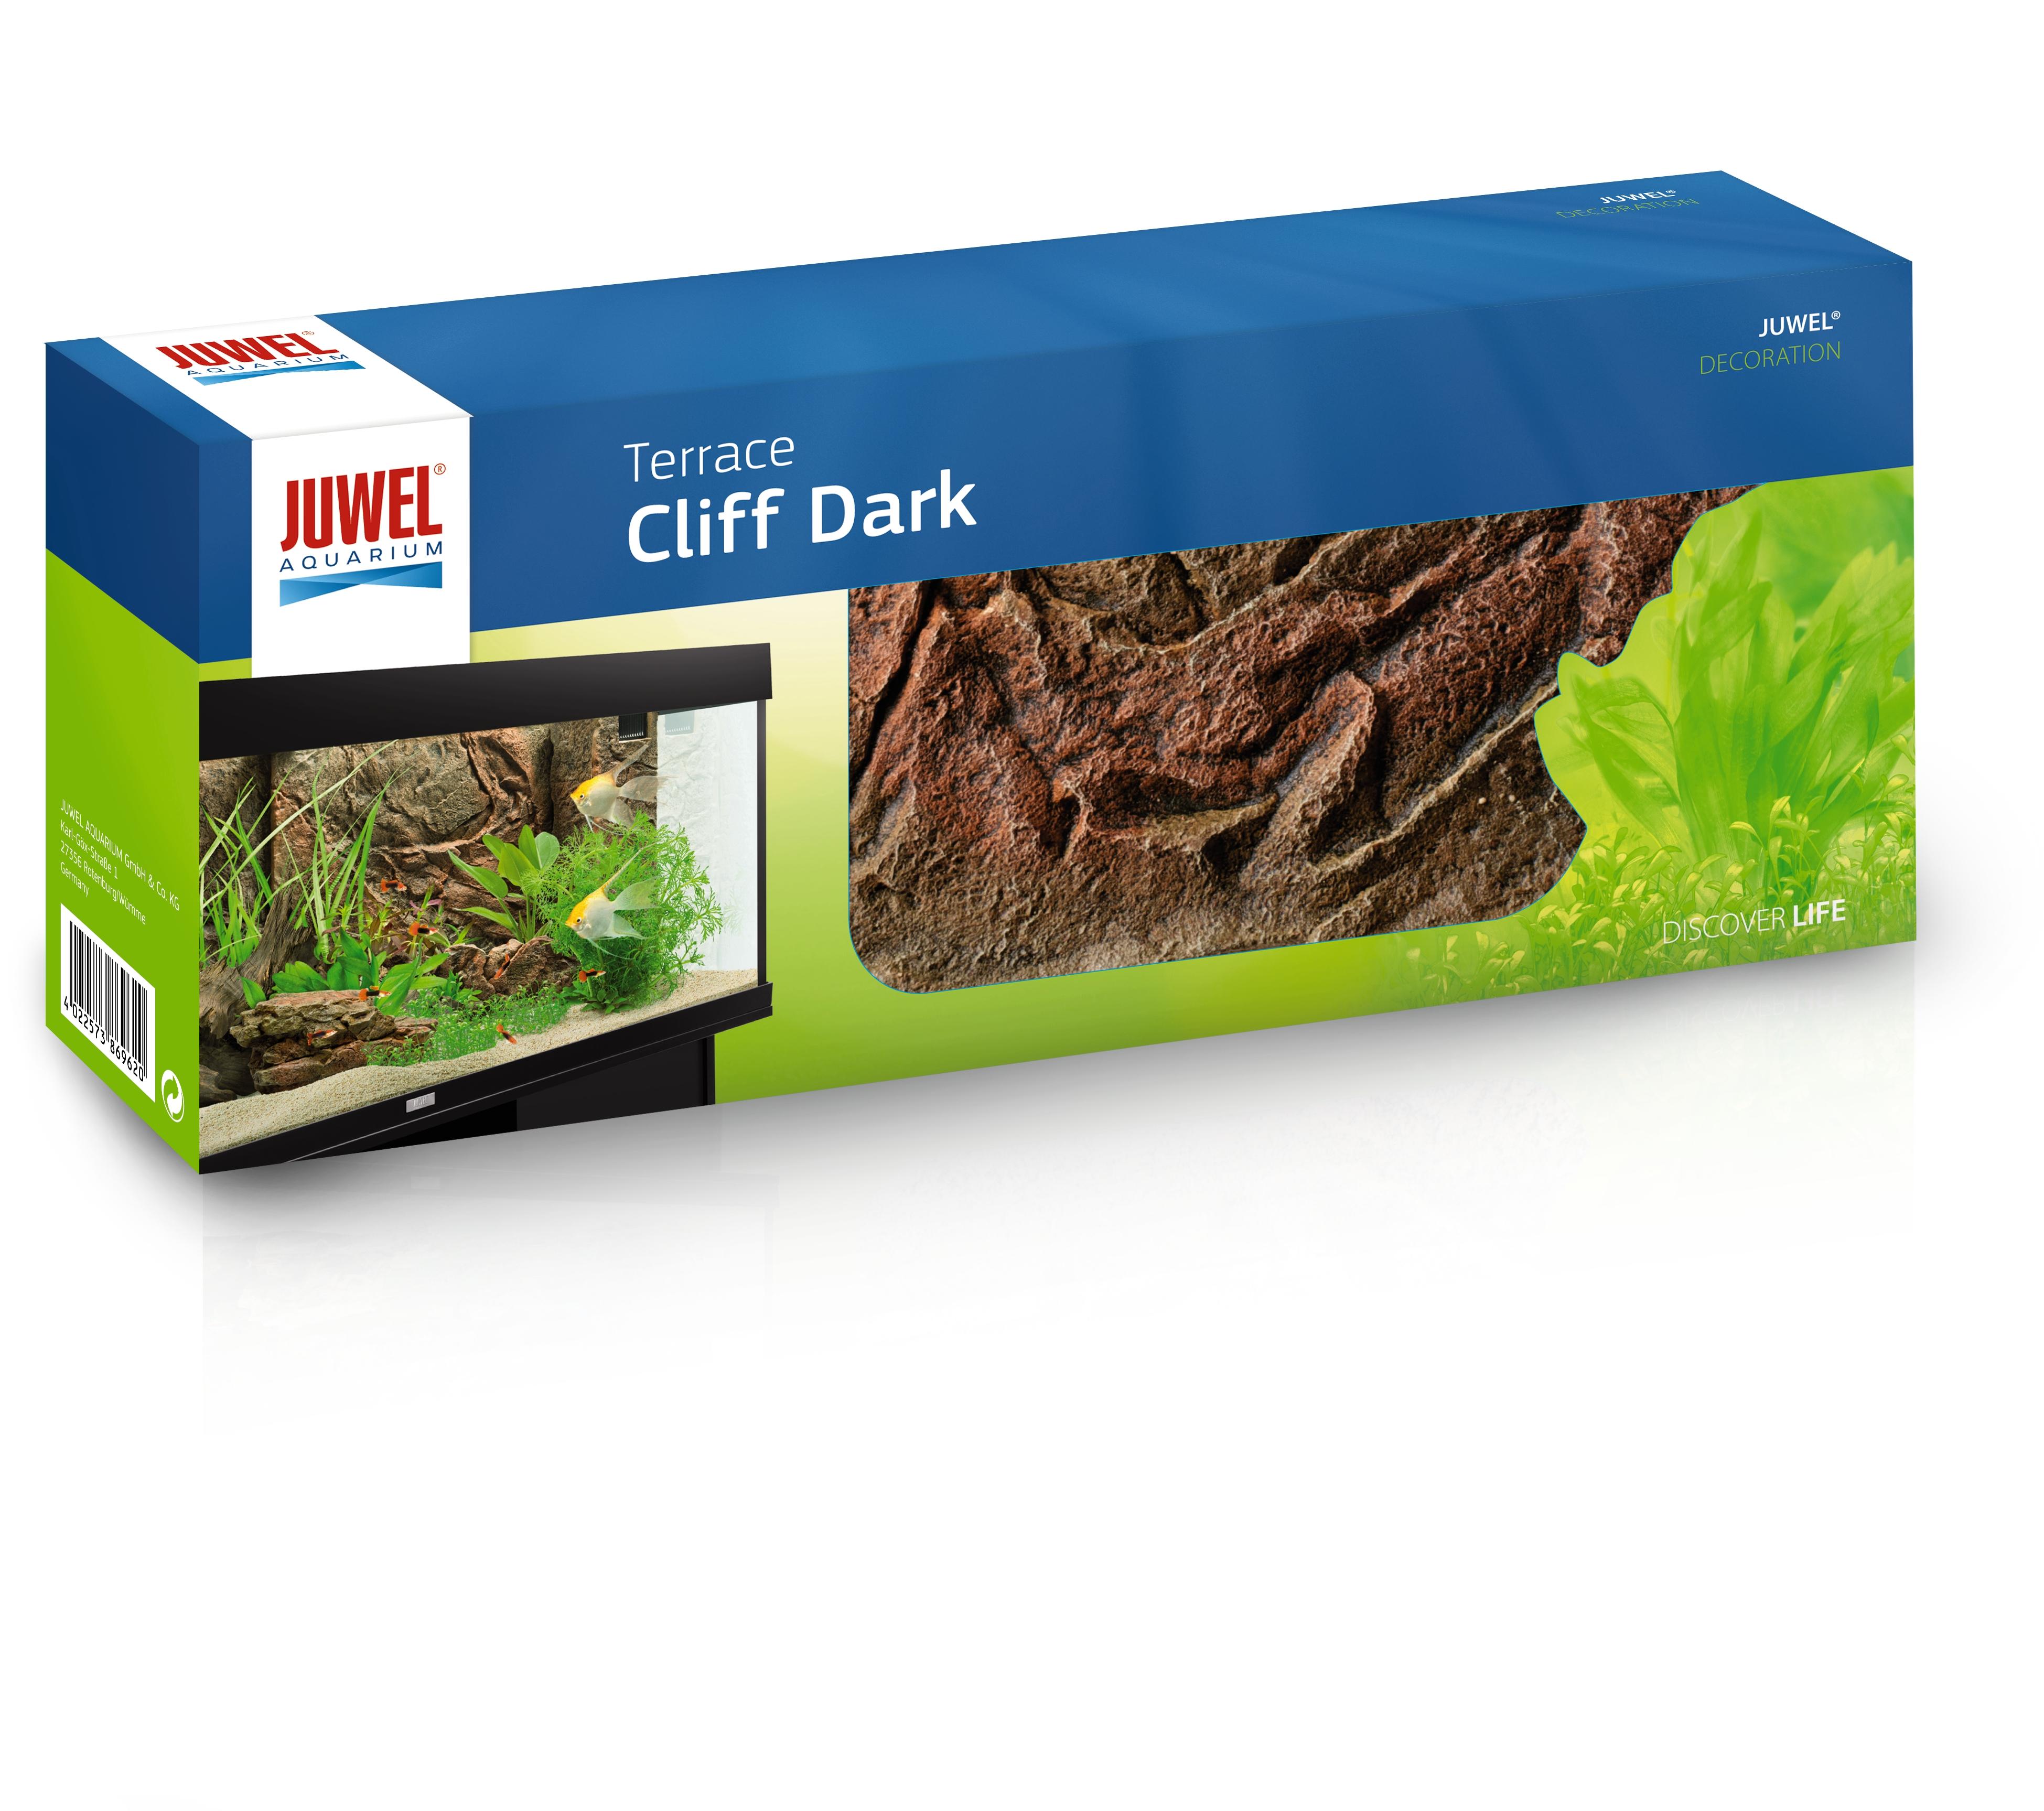 JUWEL Cliff Dark Terrasse Wölbung nach außen 35x15x9cm